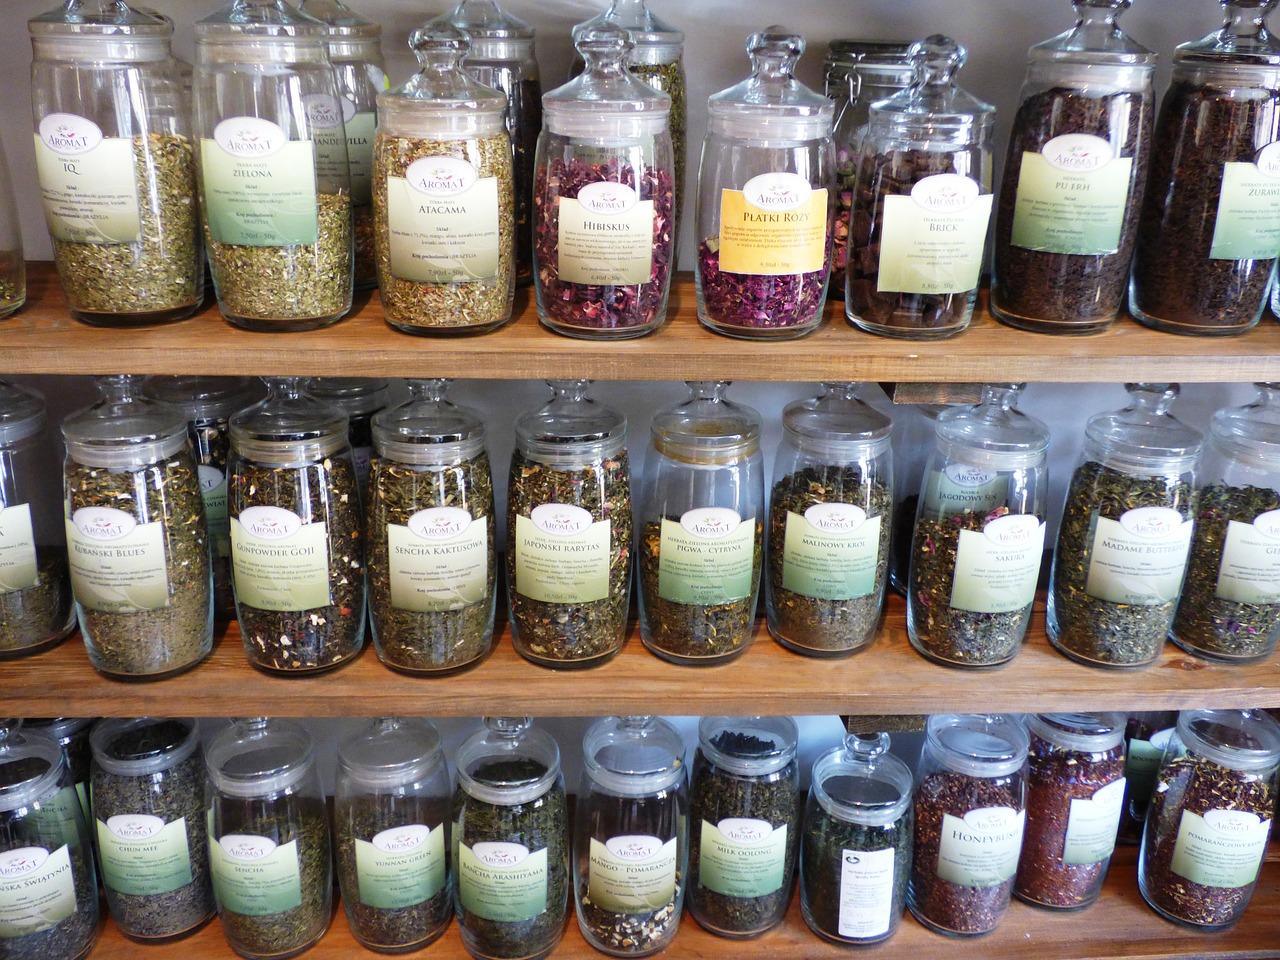 エキナセアハーブティーの作り方を紹介!作り方や子供が飲める量なども確認!